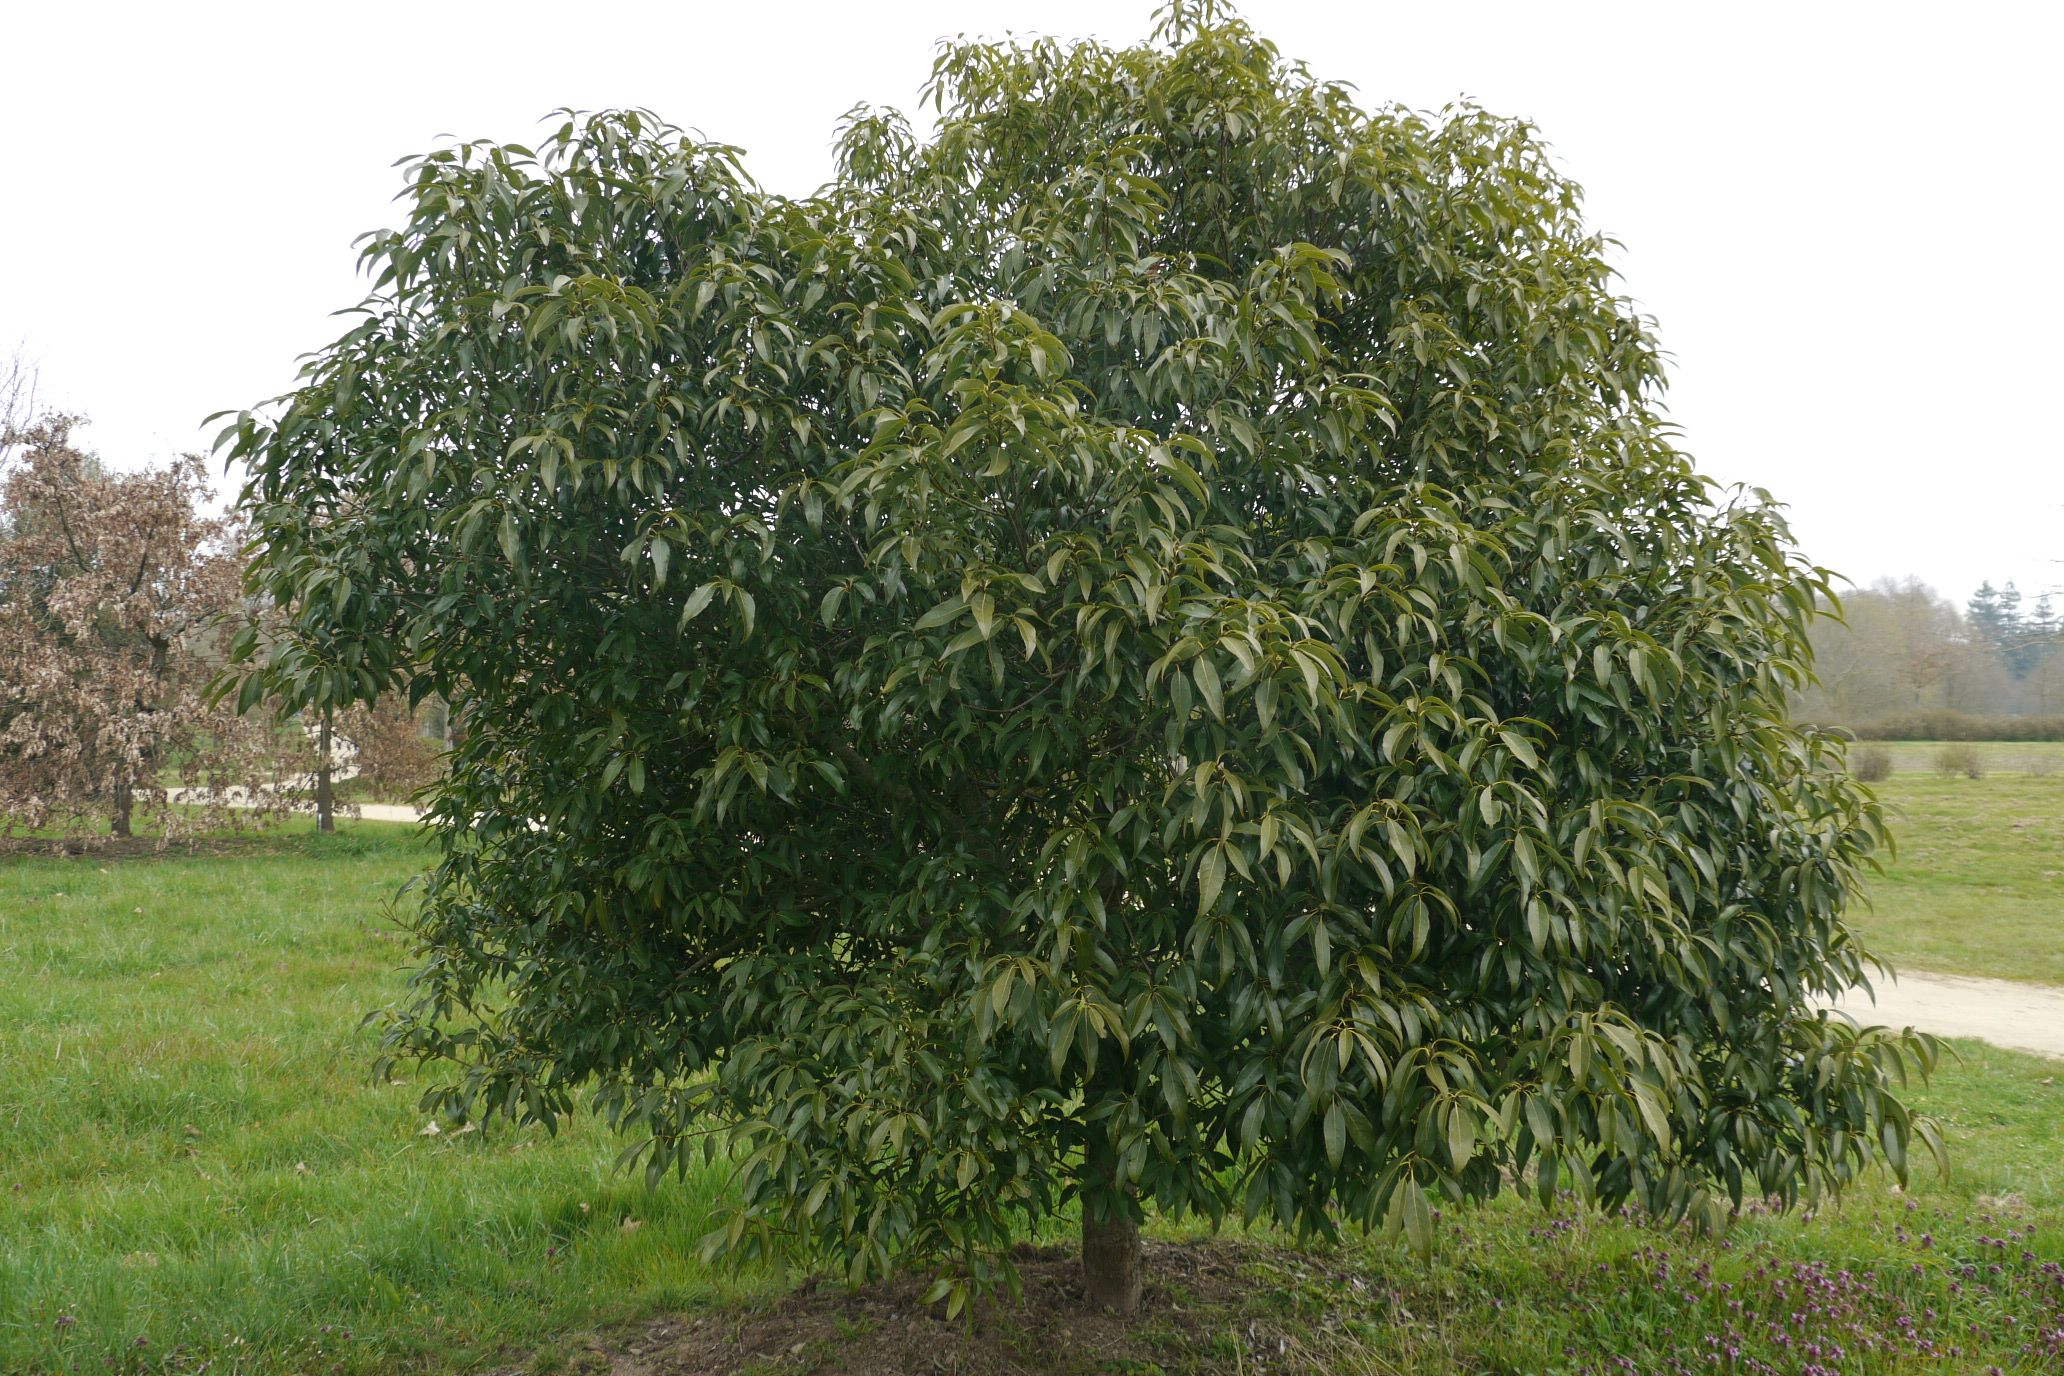 quercus myrsinaefolia sg1la 10m 10m arbre persistant port arrondi de croissance lente. Black Bedroom Furniture Sets. Home Design Ideas